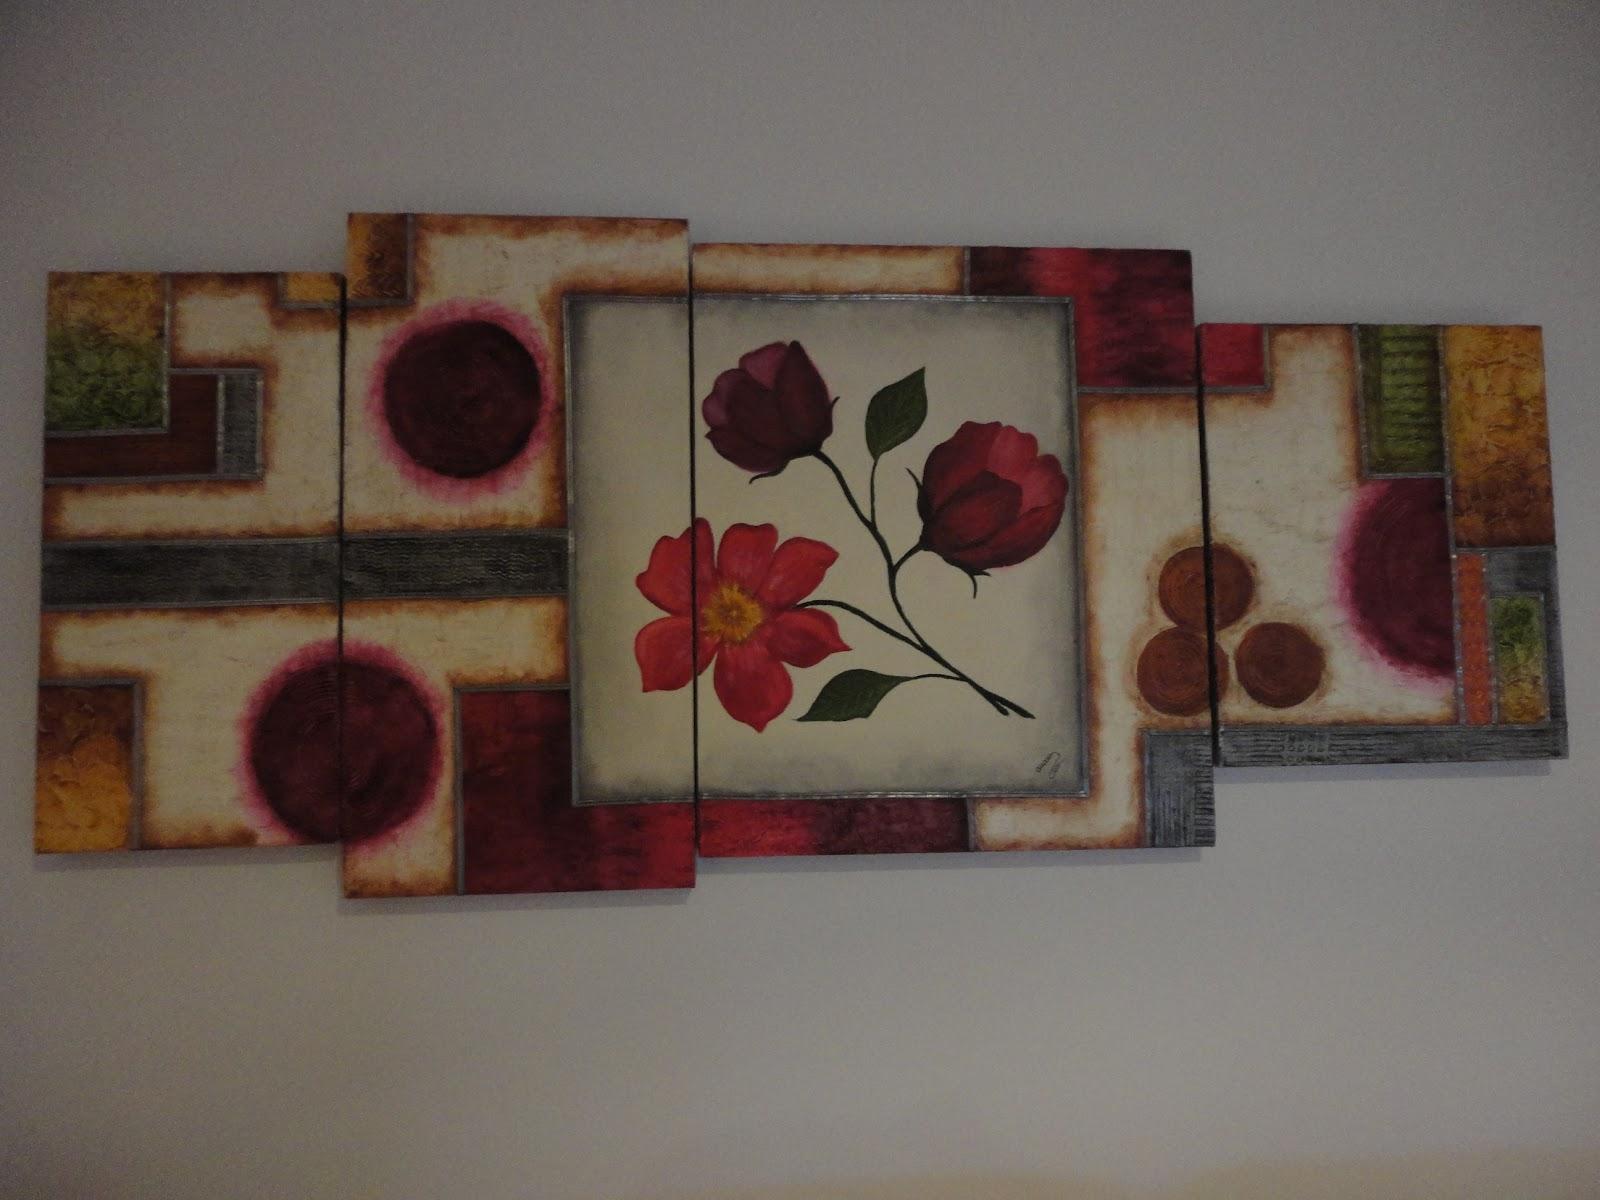 Cuadros con texturas mi casita del mu rdago - Cuadros con texturas abstractos ...